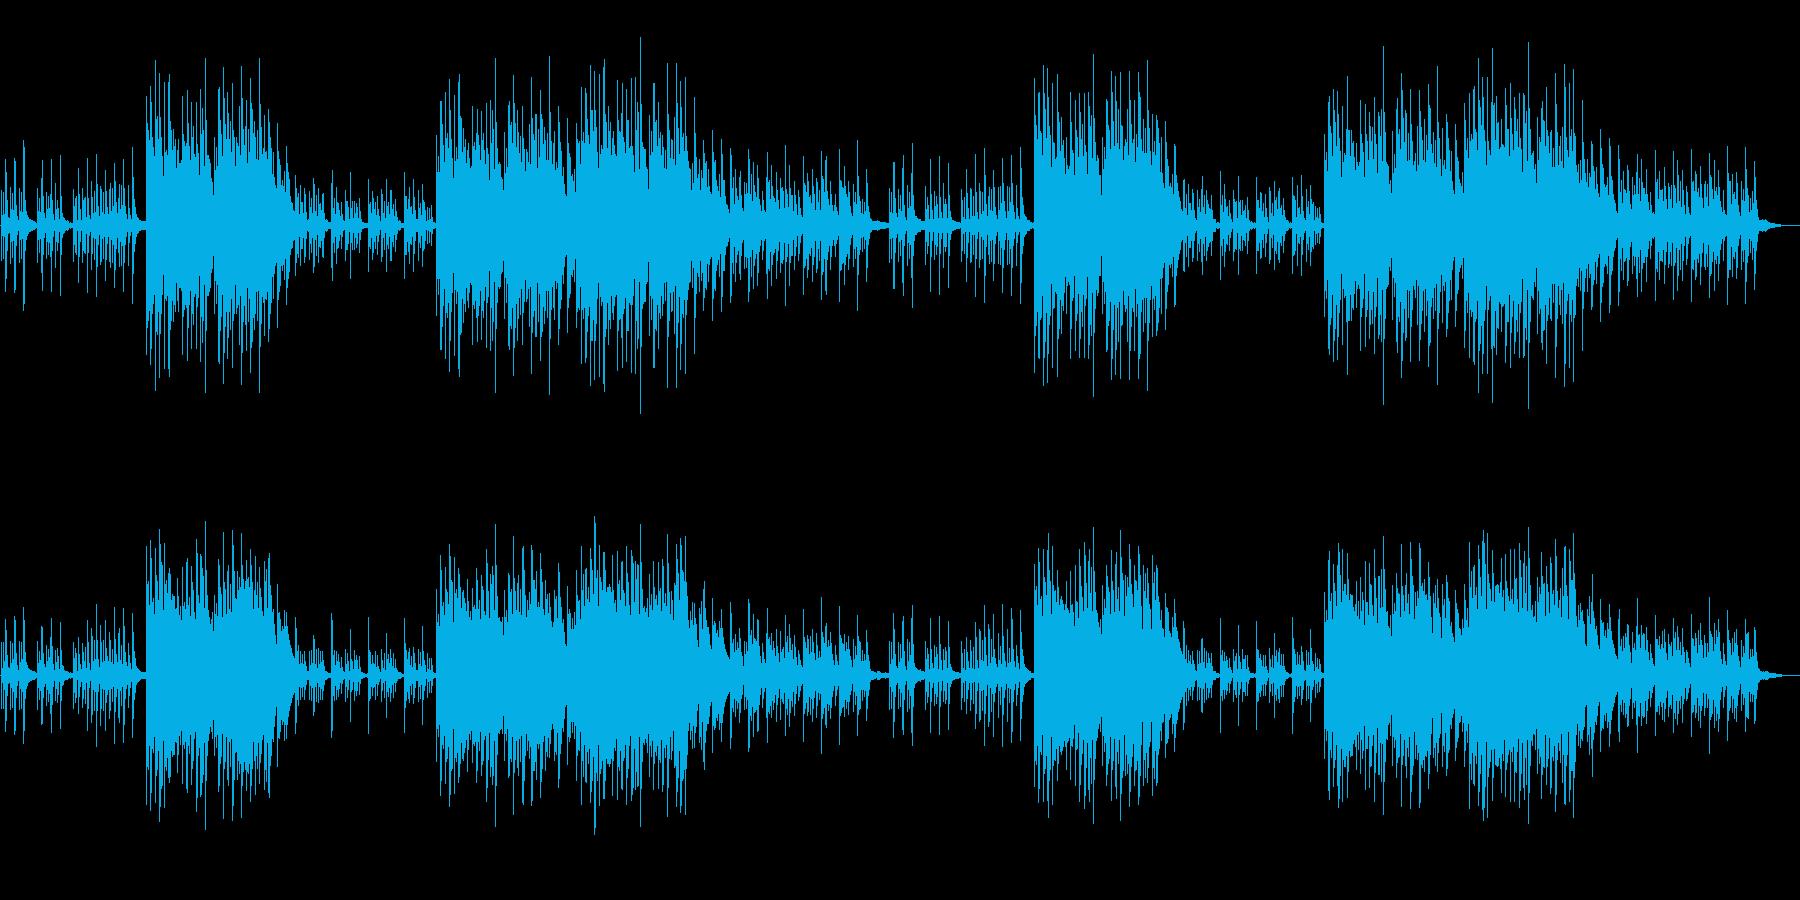 ノスタルジックで切ないピアノソロの再生済みの波形